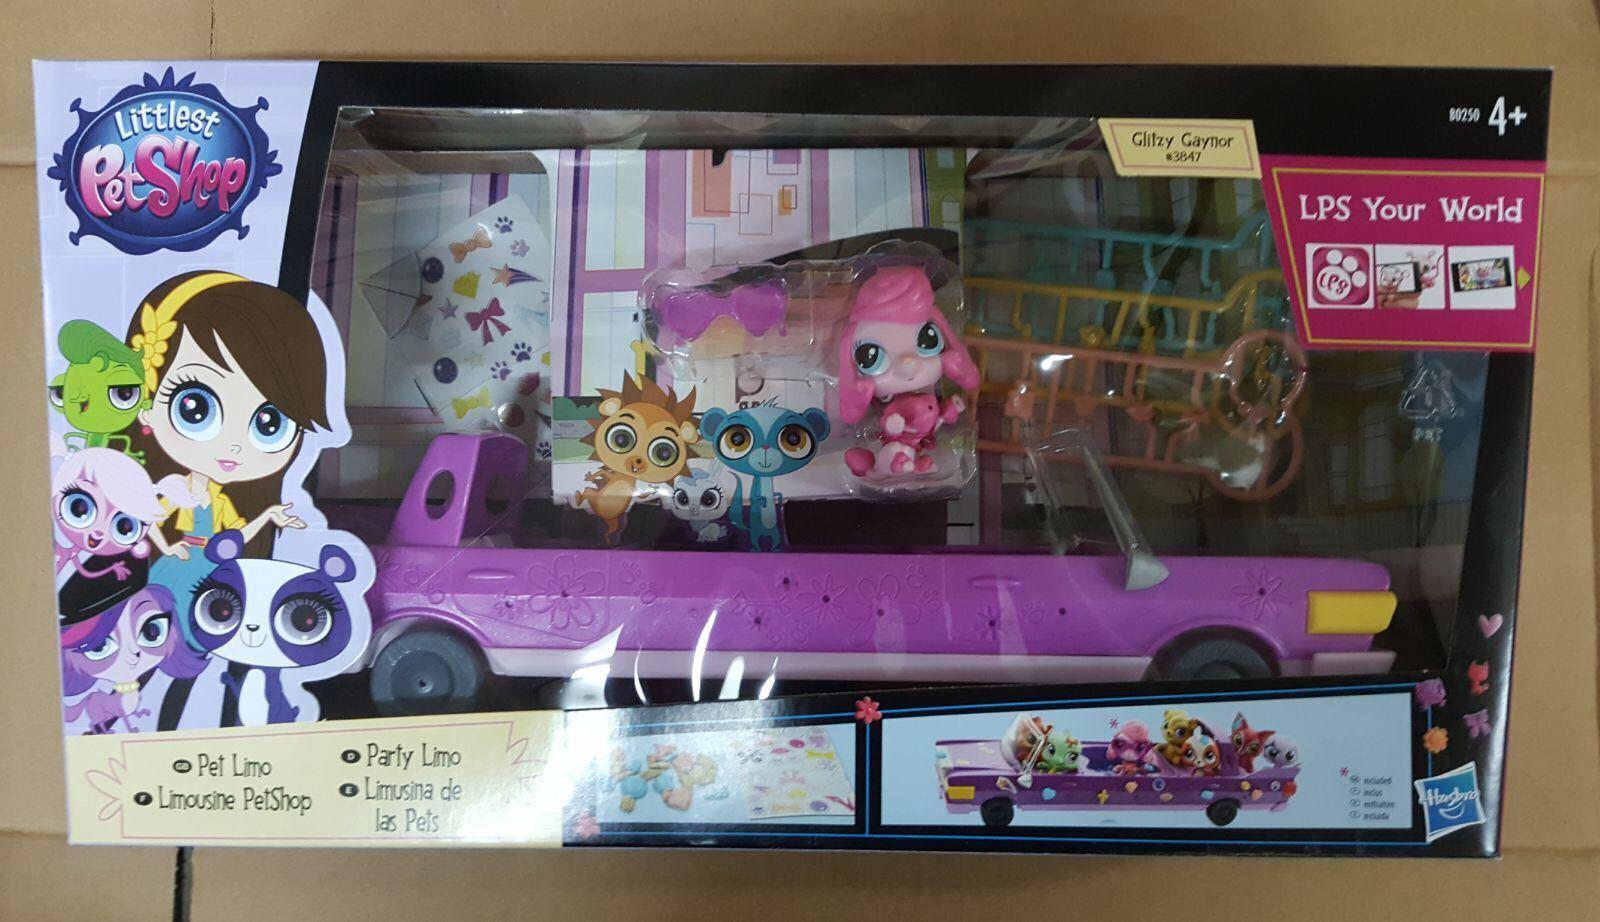 LPS -Lilla Pet Shop Limo Glitzy Gaynor